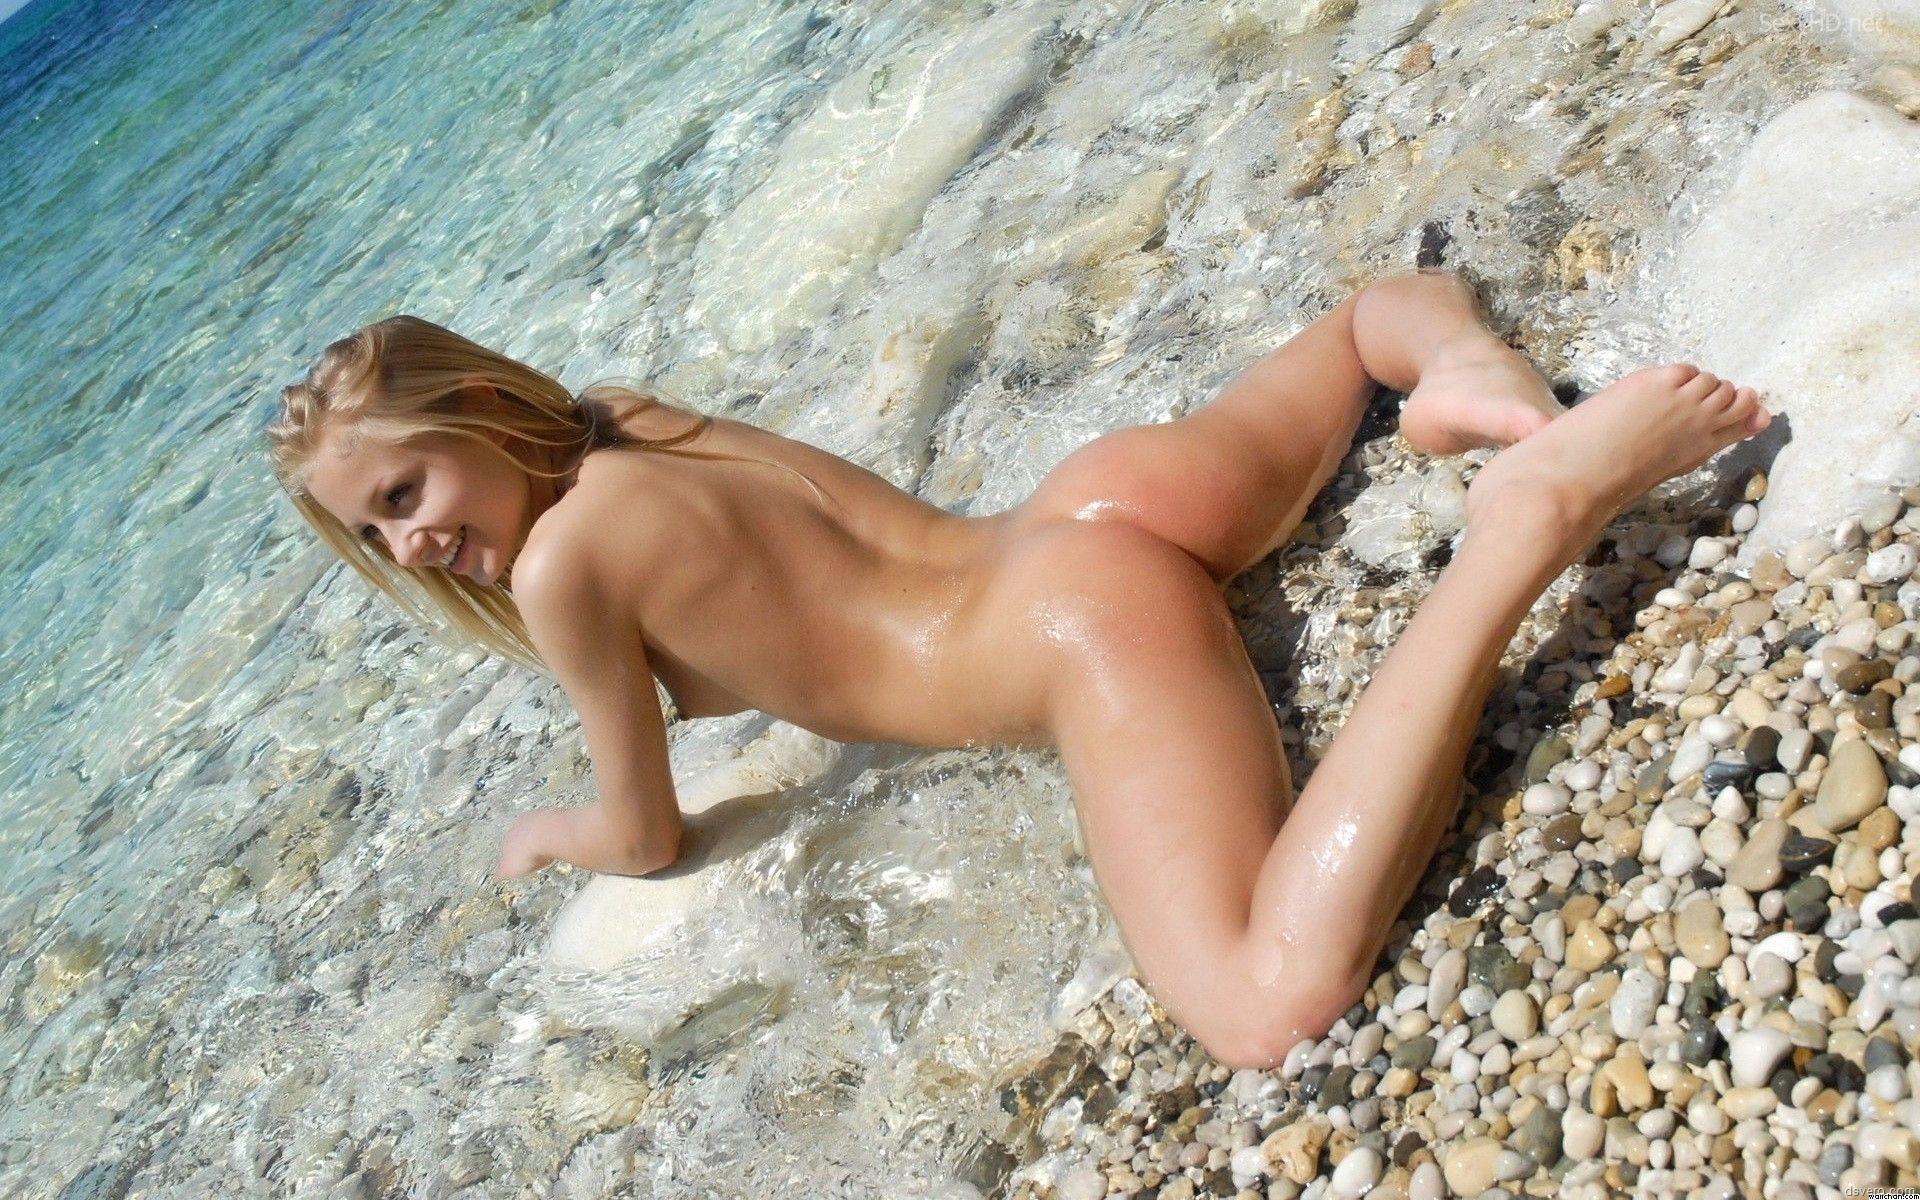 видео сексуальные девушки на пляже